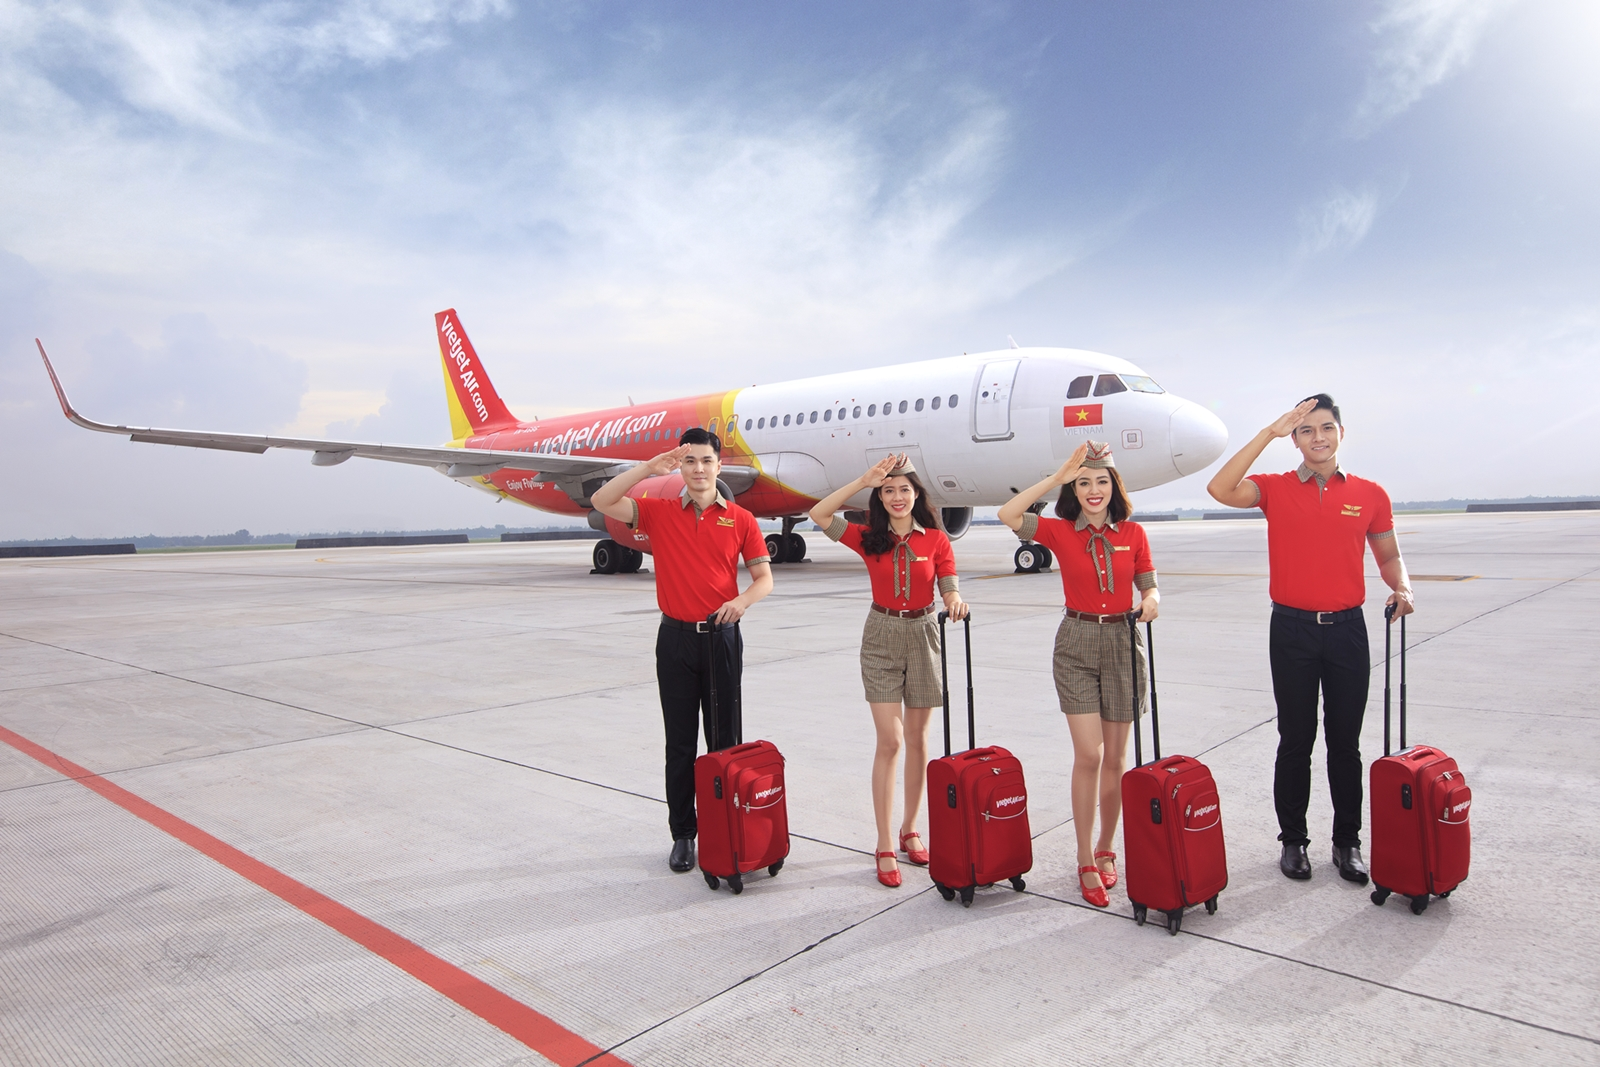 """Tương ứng với giá trị """"Giá rẻ"""" của Vietjet Air là các hoạt động điều phối vận hành các chuyến bay, quản lý nguồn cung ứng"""